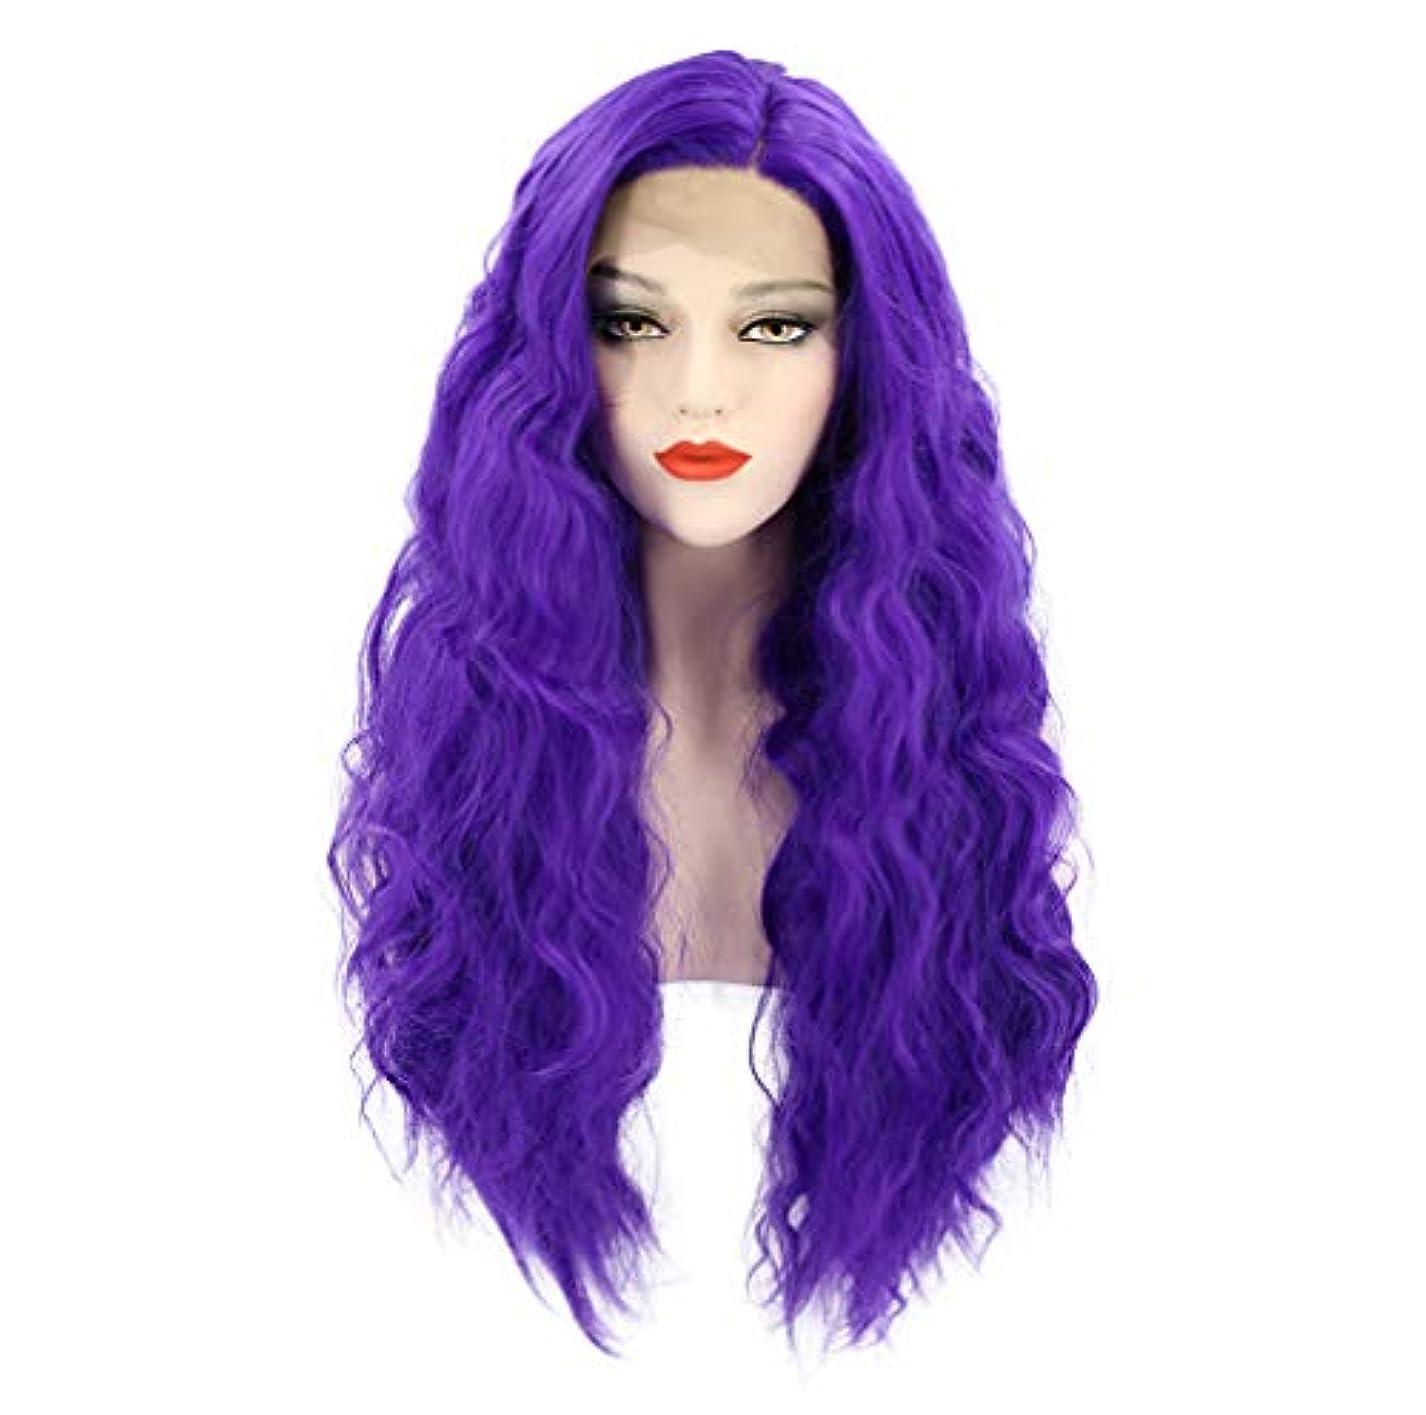 噂認識エンジニア女性かつらフロントレース長い巻き毛アフロ人工毛サイドパーツかつら150%密度で無料かつらキャップ紫26インチ